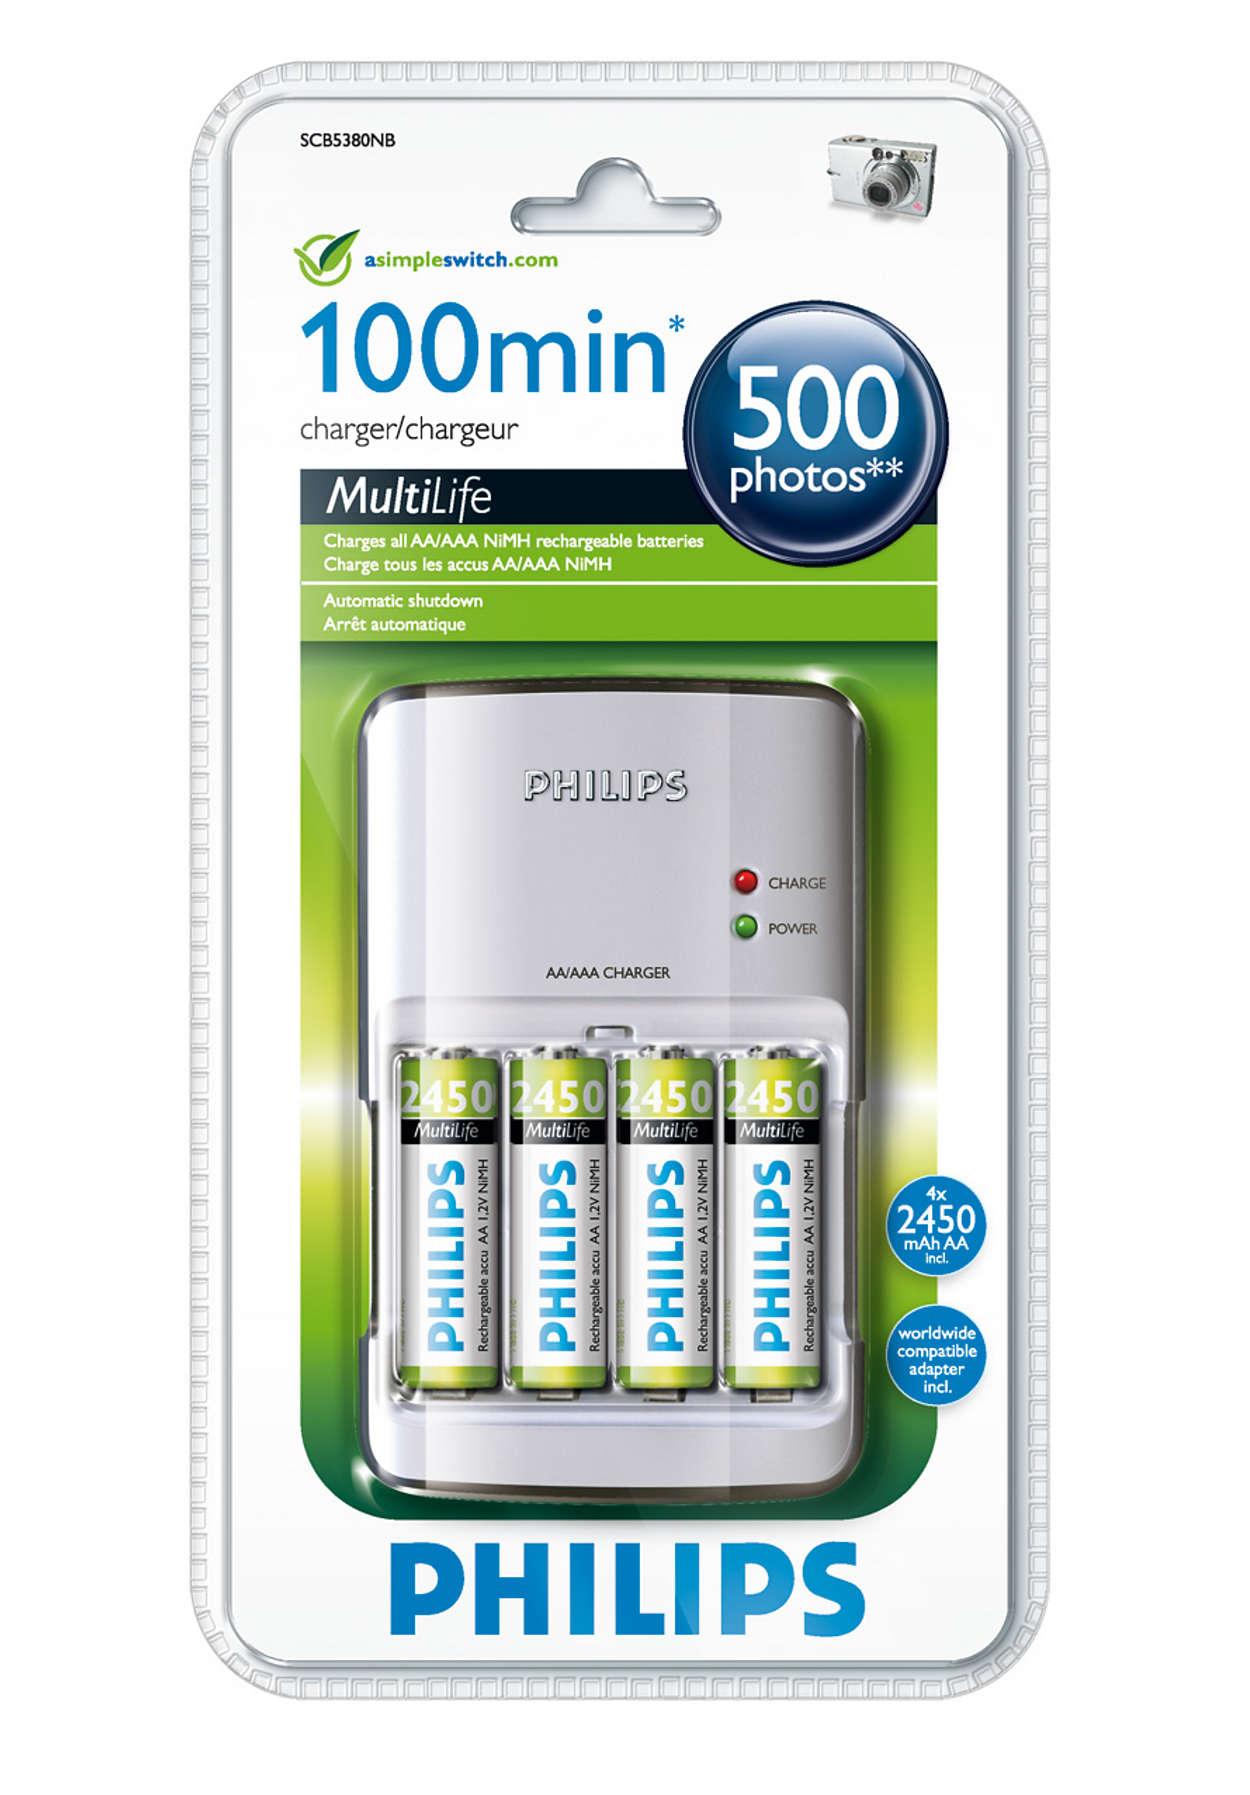 Ricarica completamente le tue batterie in 100 minuti